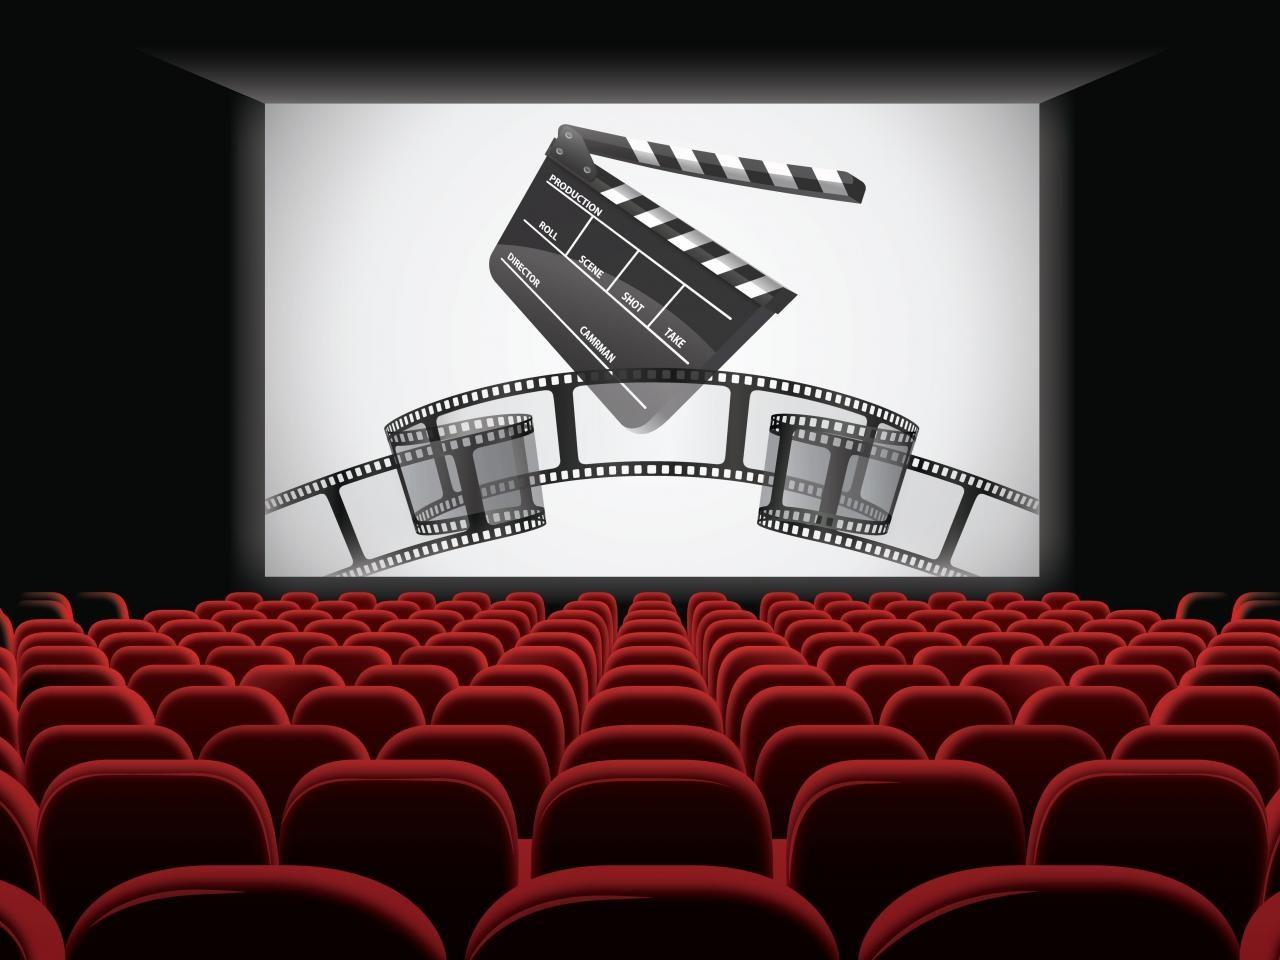 Ұлттық киноны қолдау мемлекеттік орталығы киножобалар байқауын жариялайды